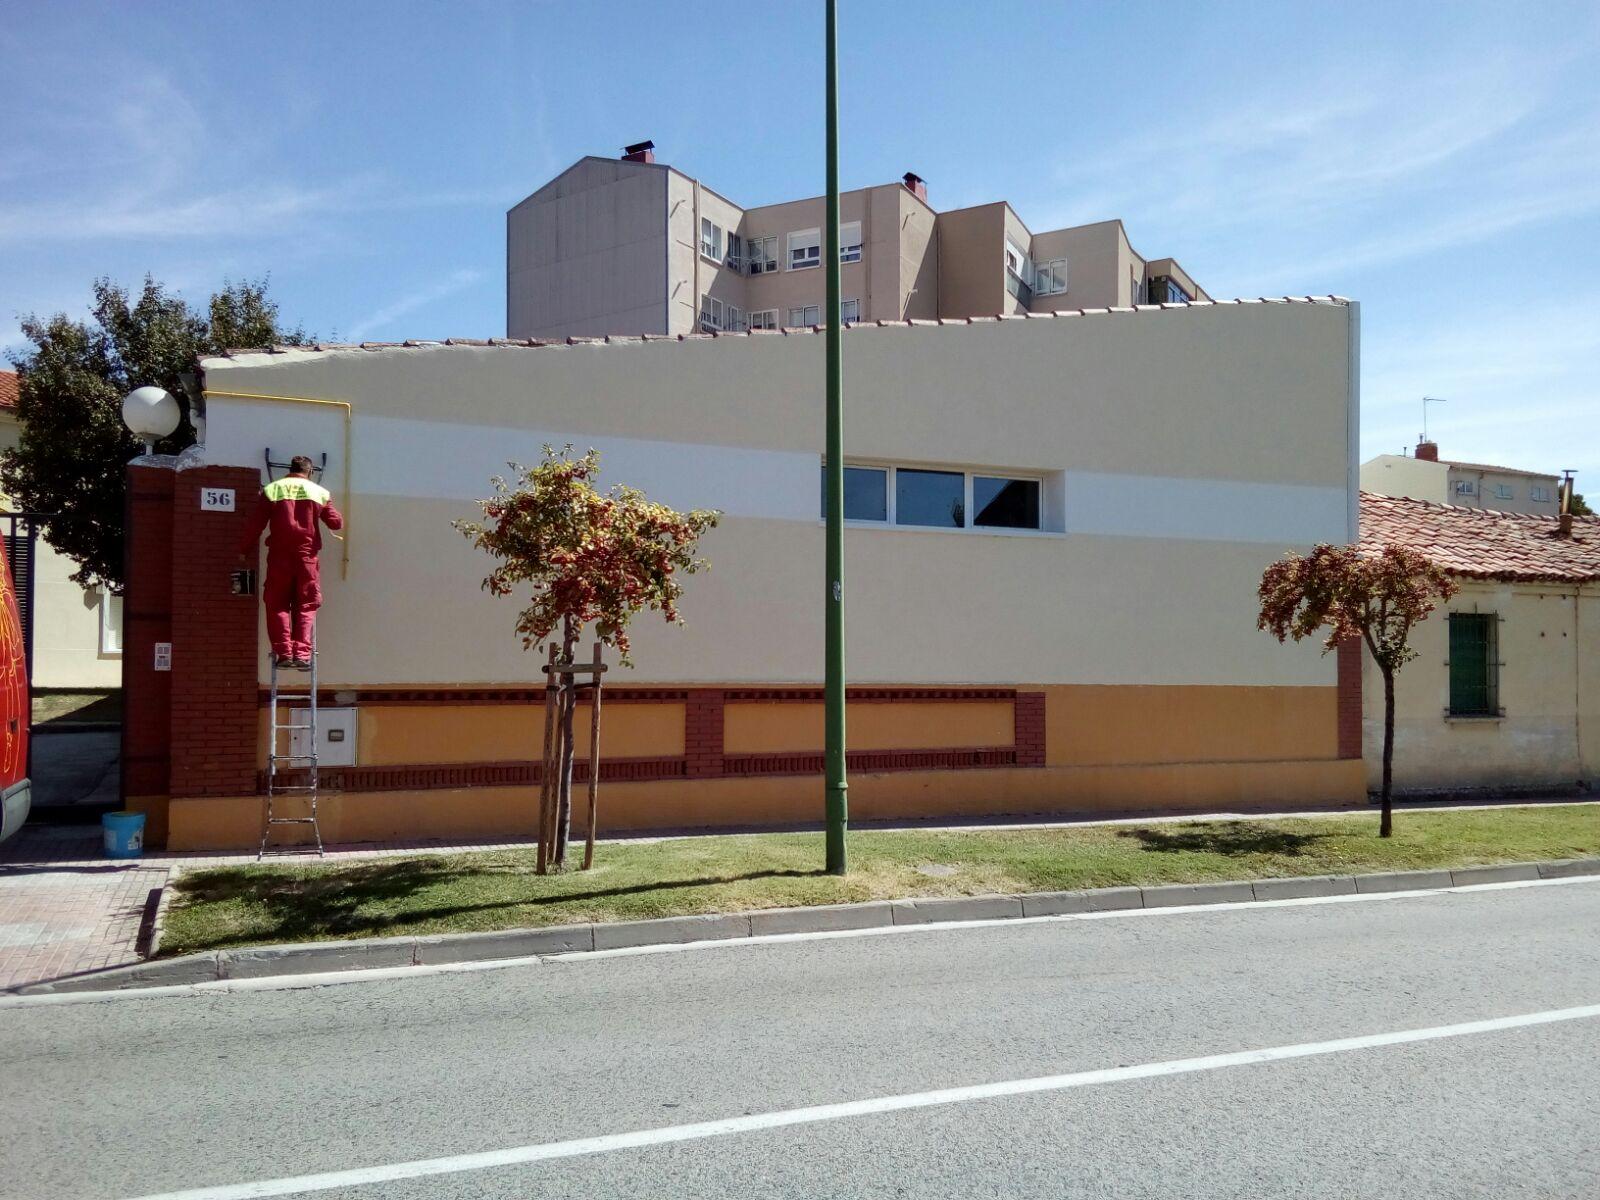 REHABILITACIÓN ENERGÉRTICA DE FACHADAS EN AVENIDA COSTA RICA, 56 (BURGOS)